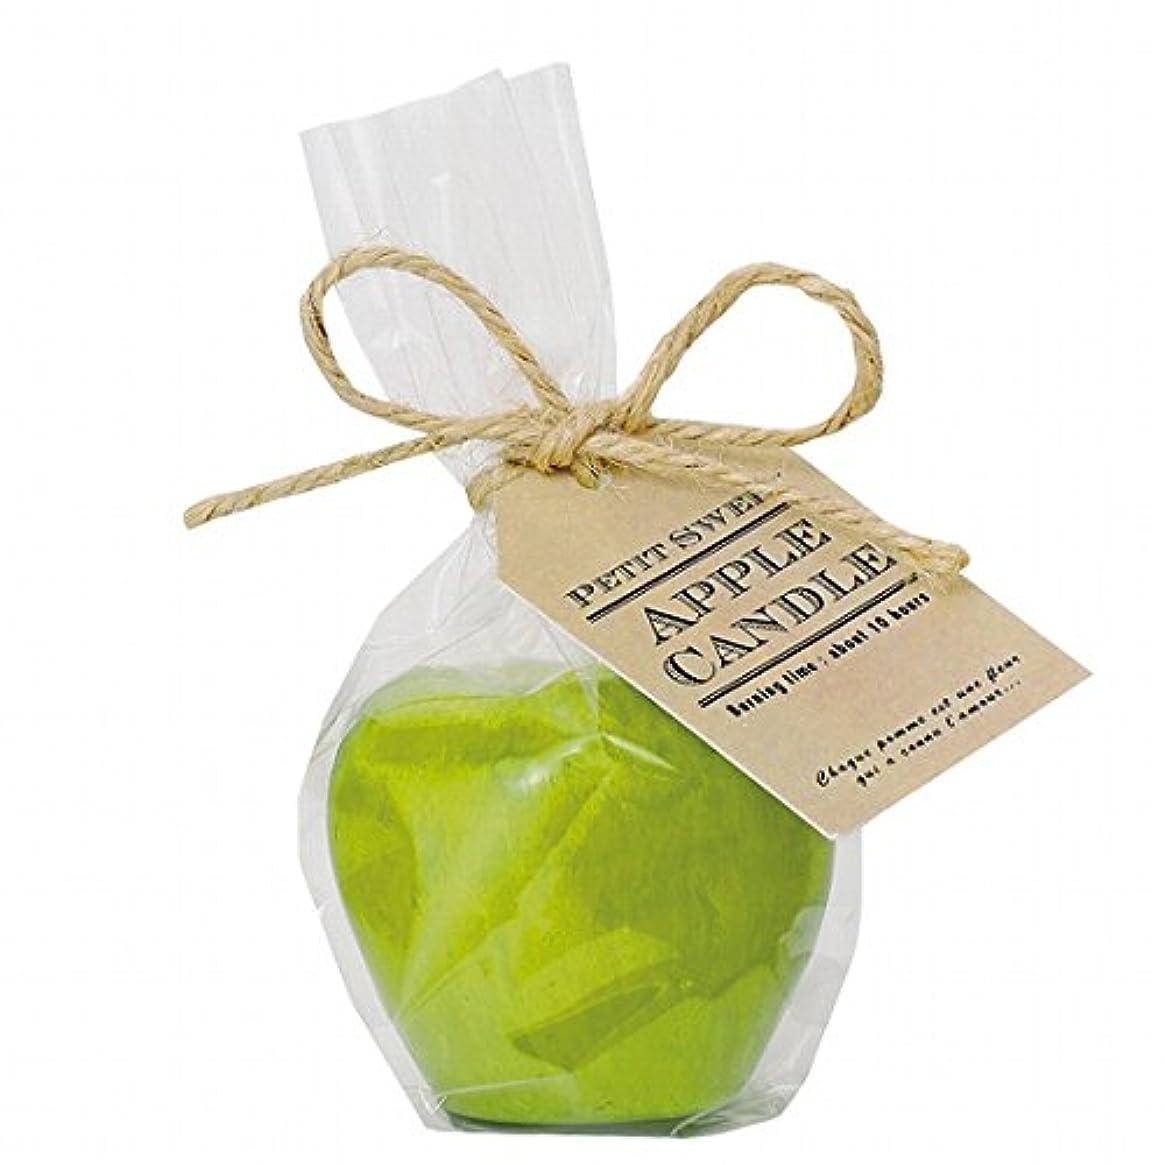 モニター毛細血管倉庫kameyama candle(カメヤマキャンドル) プチスイートアップルキャンドル 「 グリーン 」(A4630510G)